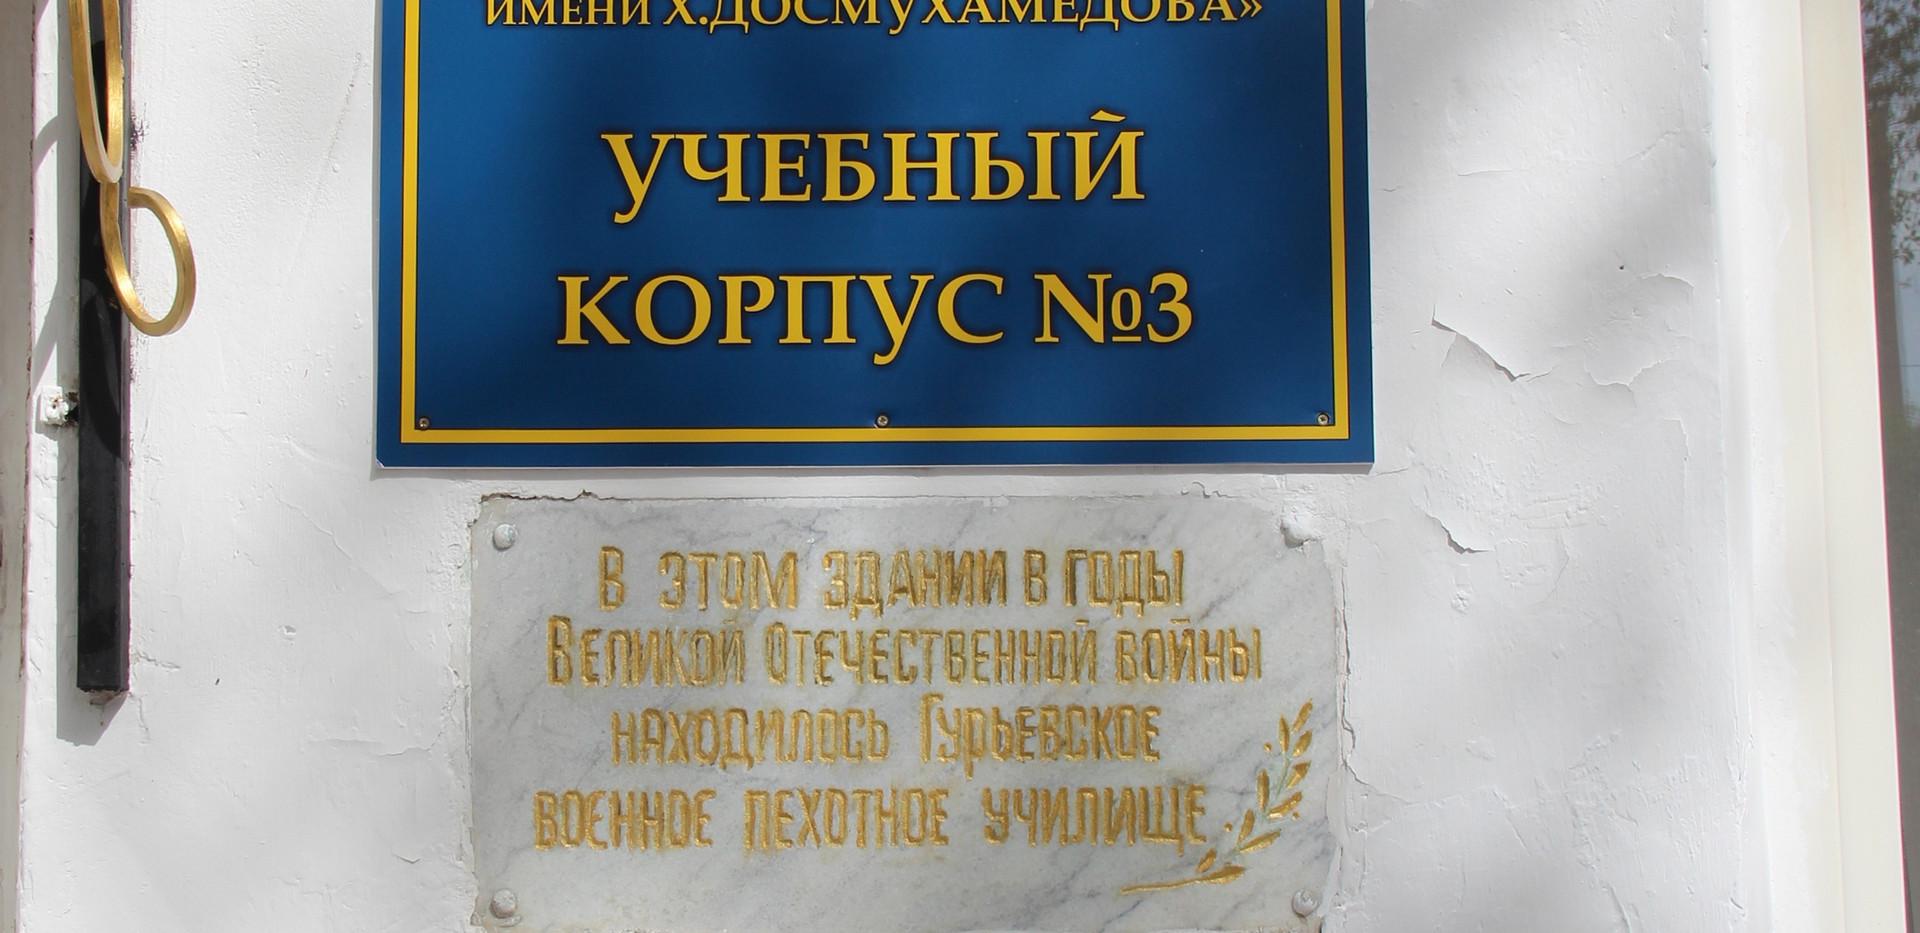 Учебный корпус №3 Атырауского государственного университета им. Х. Досмухамедова